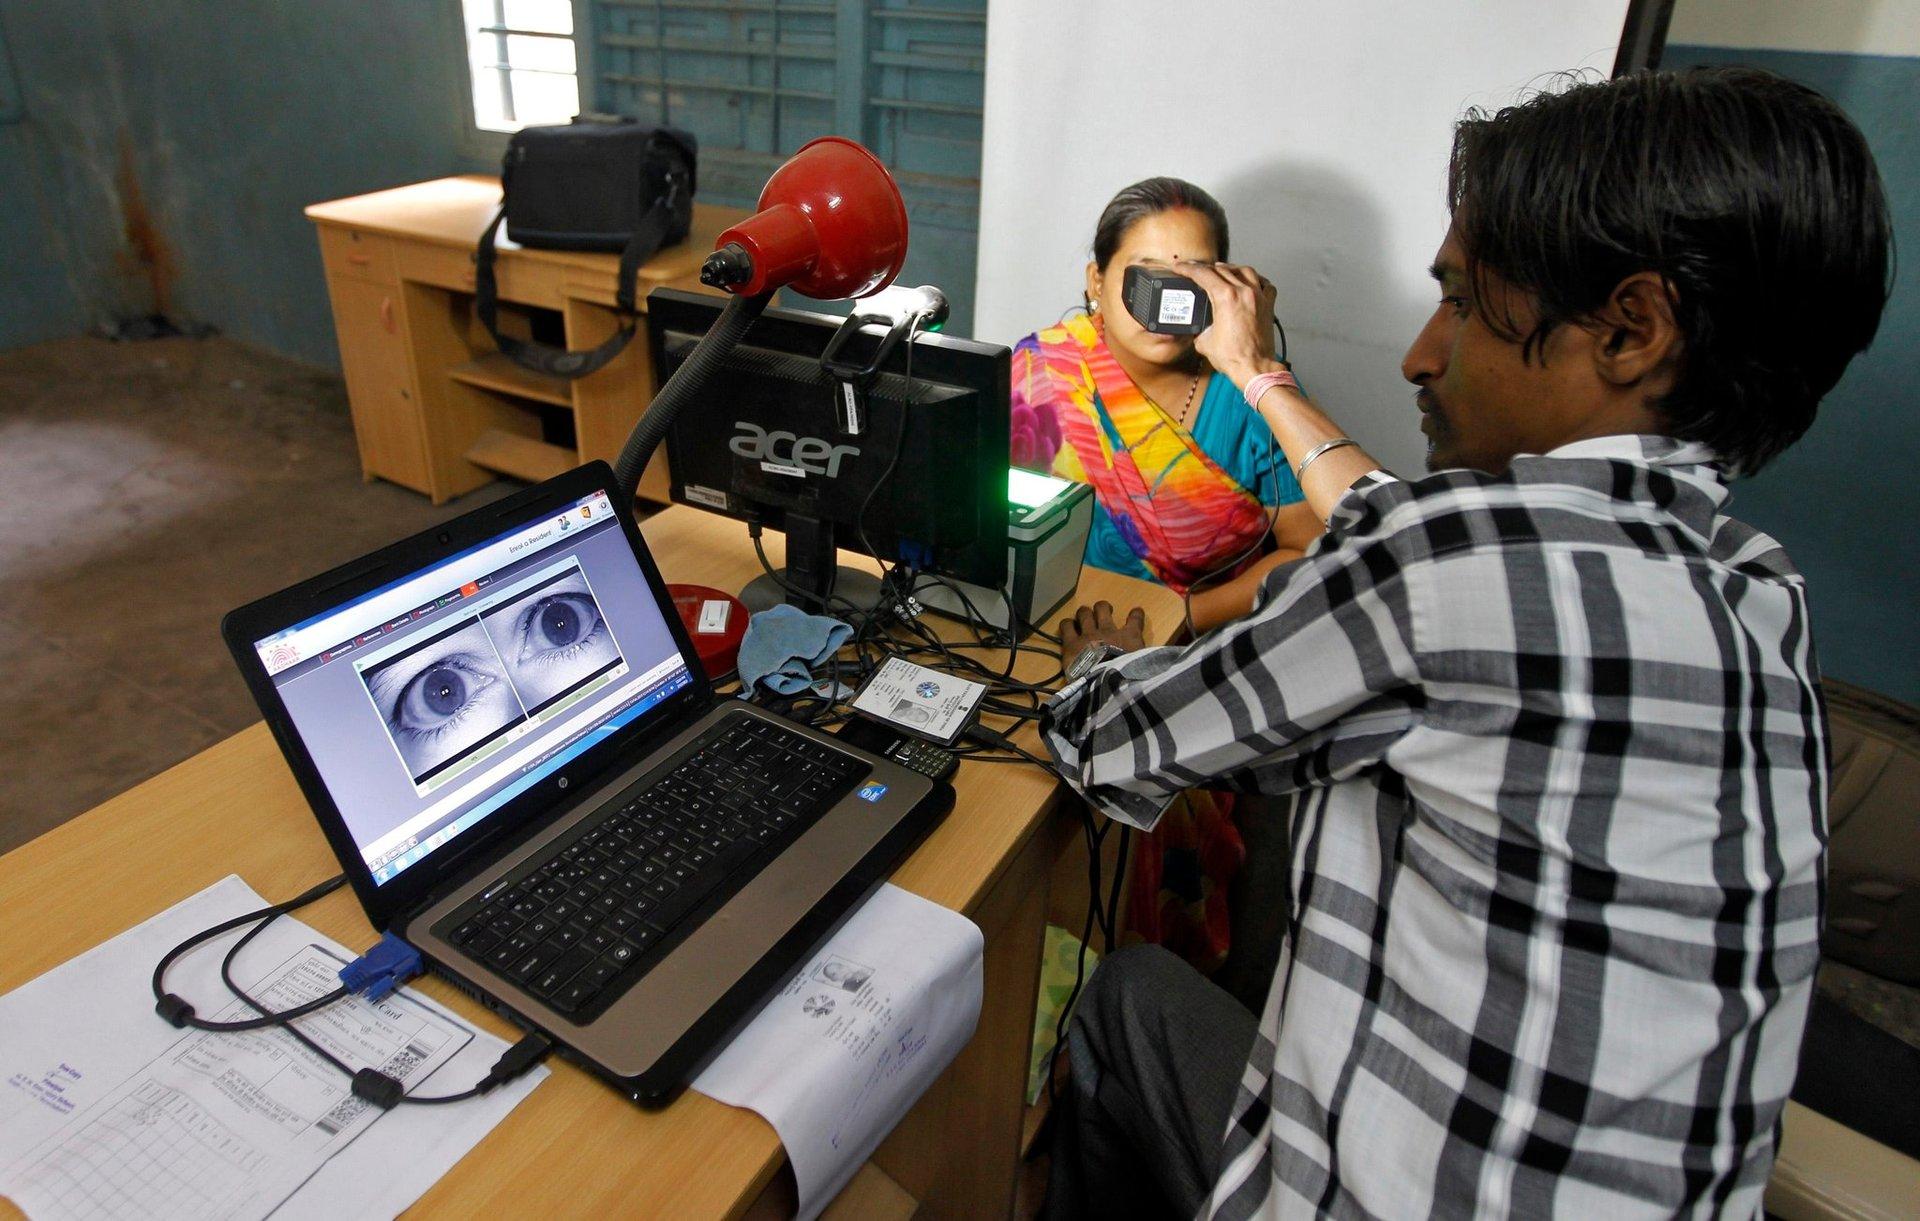 Биометрия: искусство узнавания. Перспективы биометрических систем на примере платформы Id-Me от компании RecFaces - 2